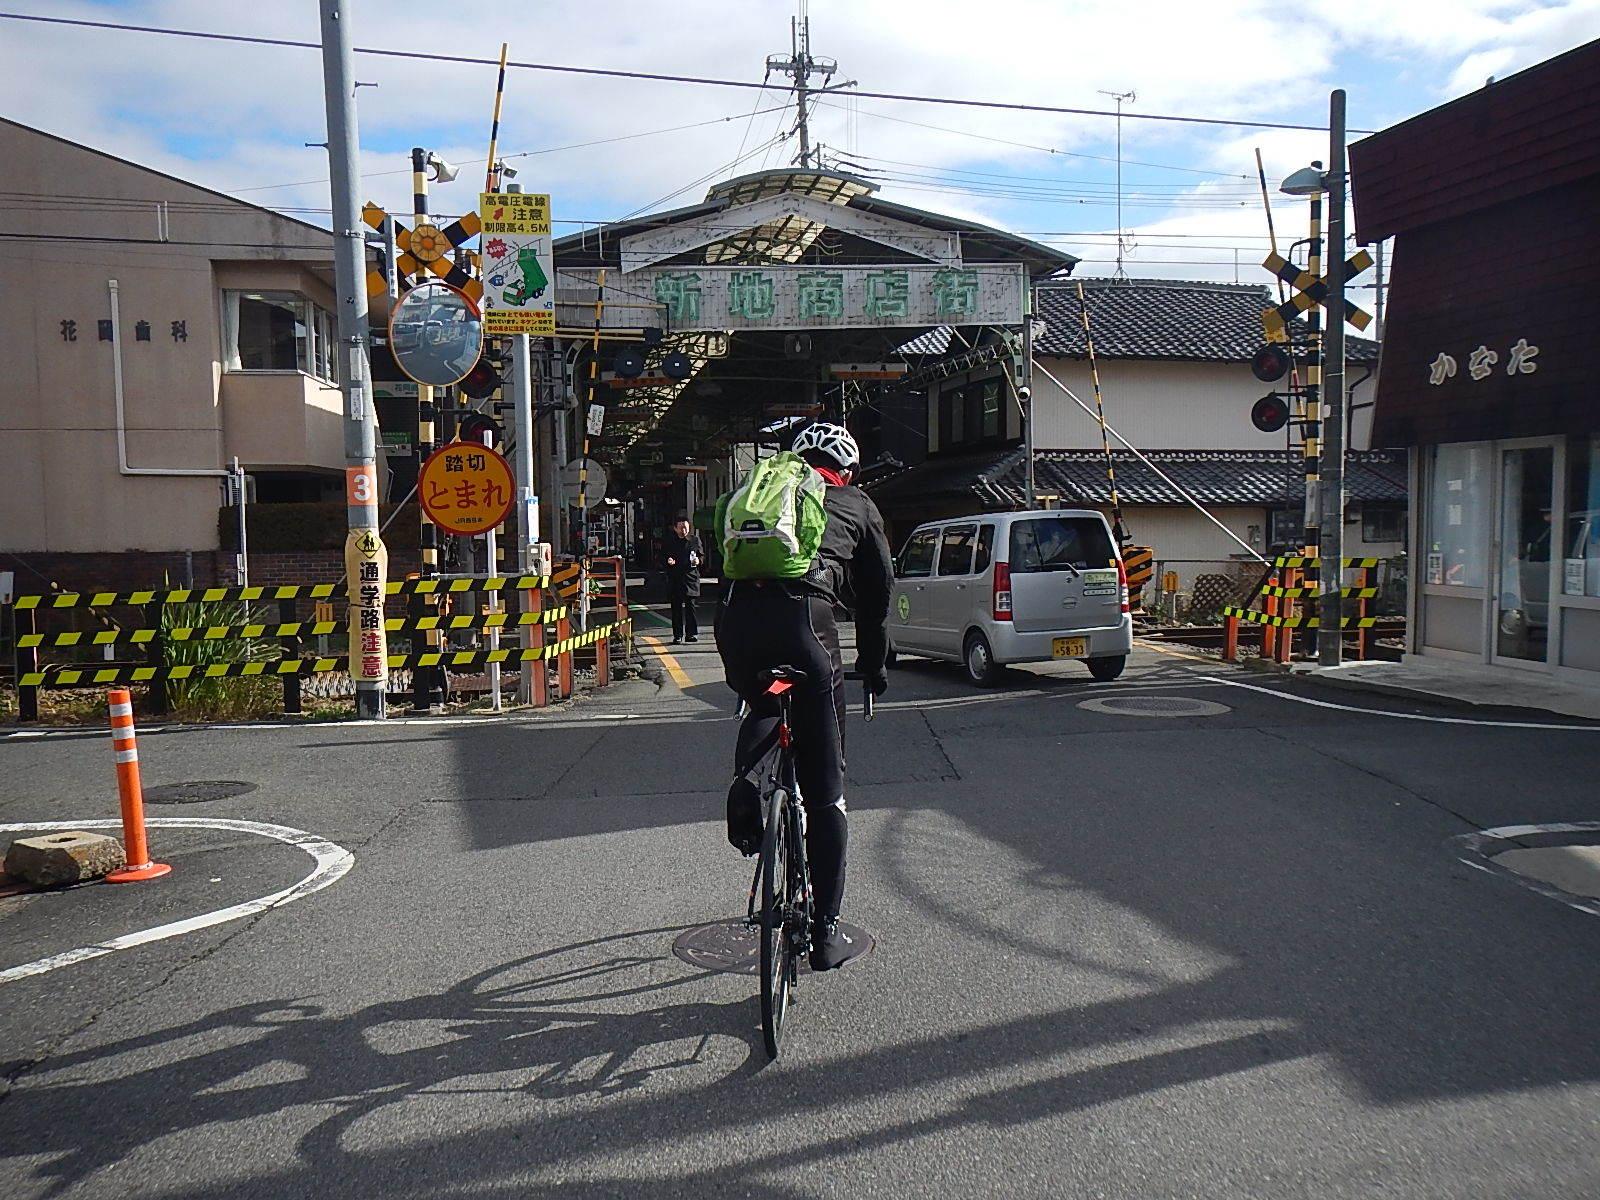 年末のちょいと寒い日にサイクリングへ出かけた件について_a0386742_20200765.jpg